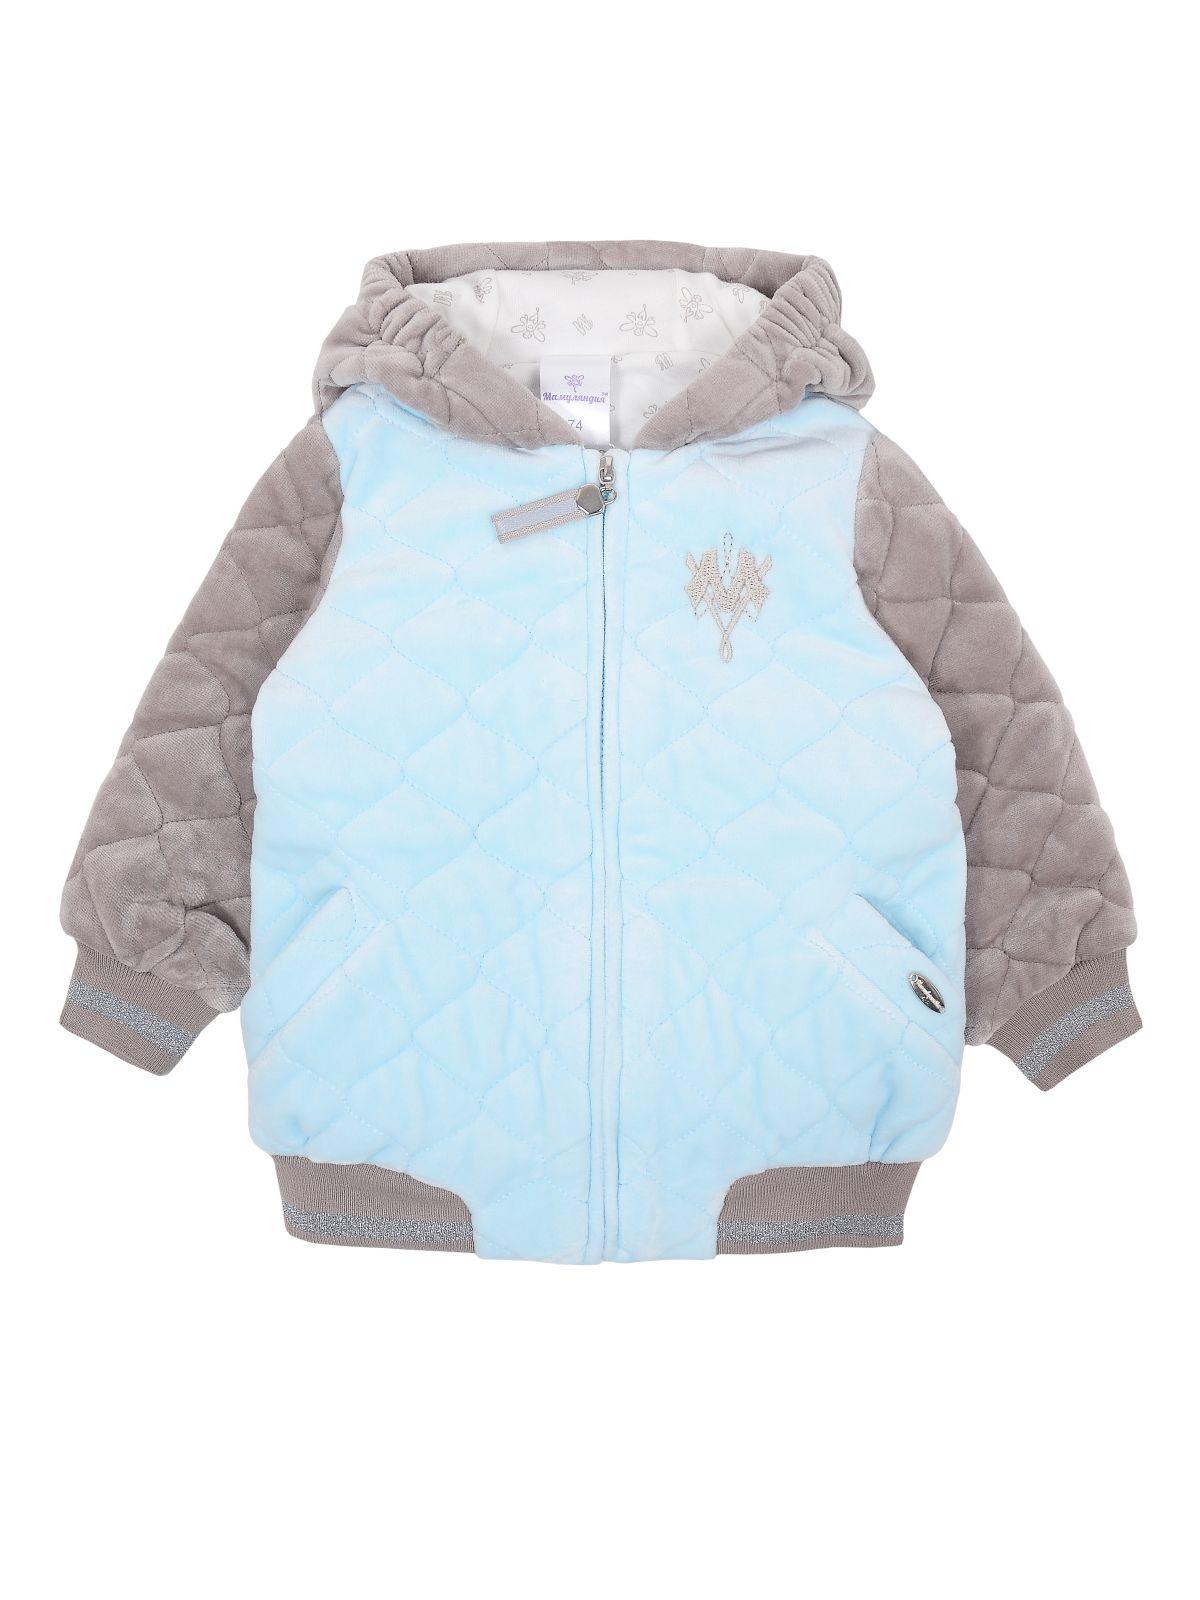 Куртка для мальчика Мамуляндия 19-507, Велюр, Голубой, серый р. 74